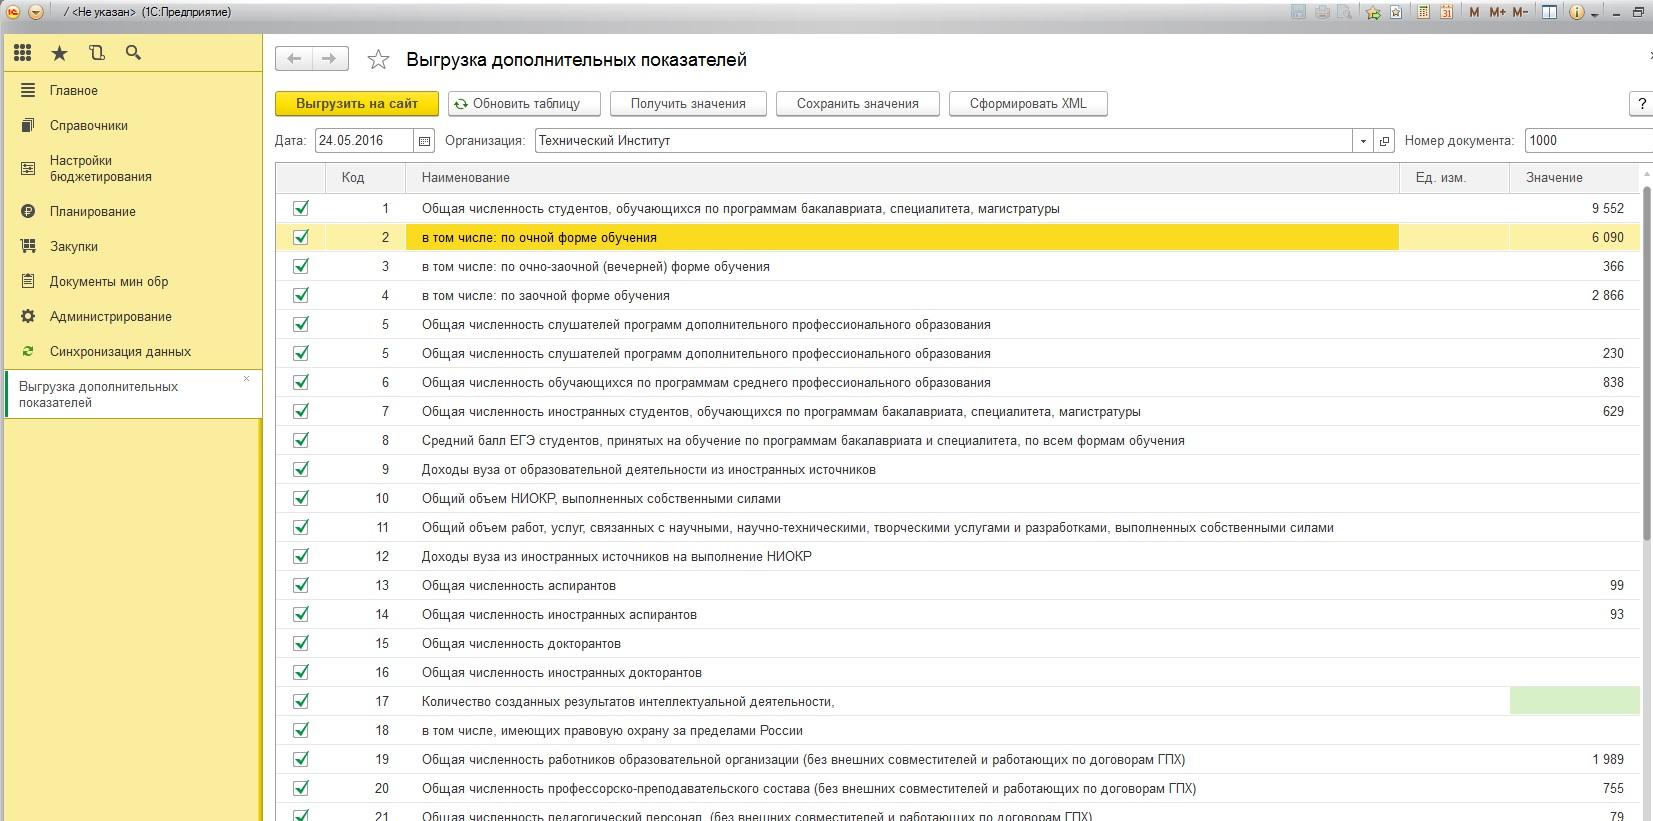 Подготовка дополнительных показателей для выгрузки на федеральный сервис АСУ ПФХД